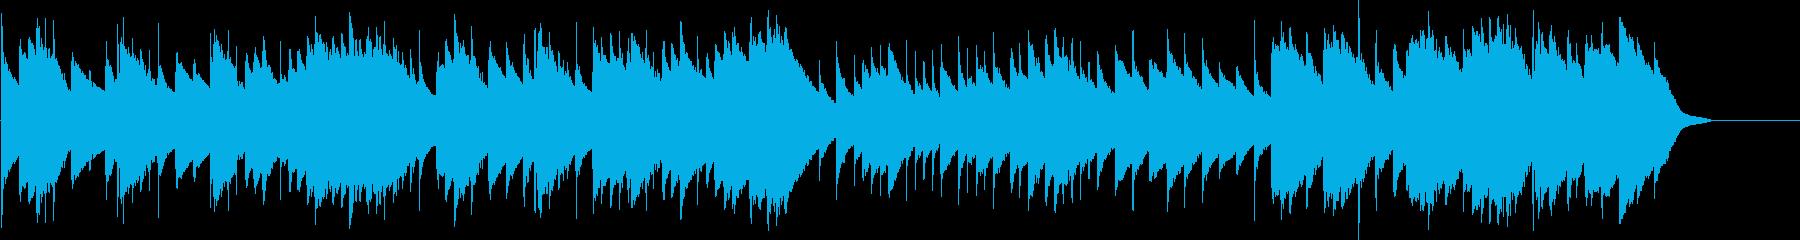 メヌエット ト長調(オルゴール)の再生済みの波形